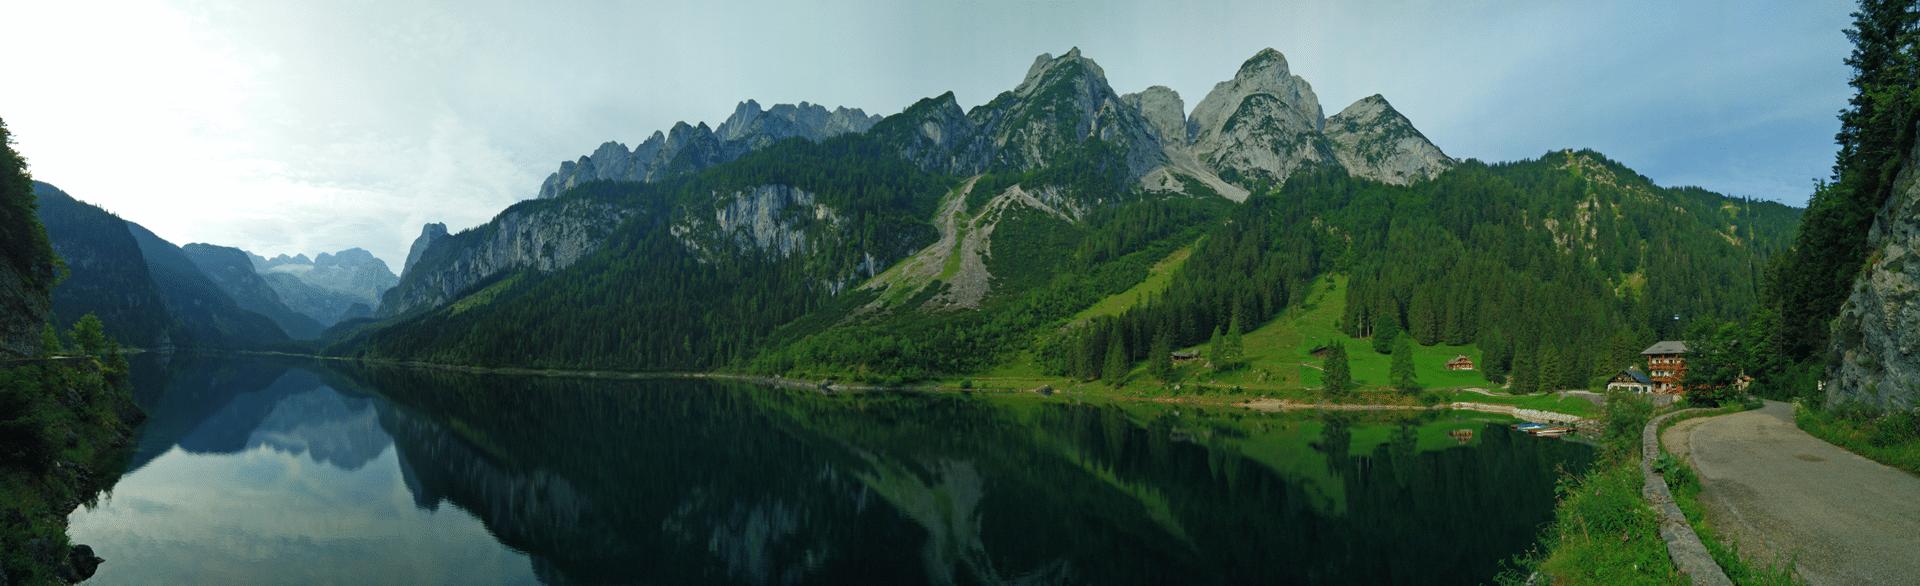 Vorderer Gosausee, Austria